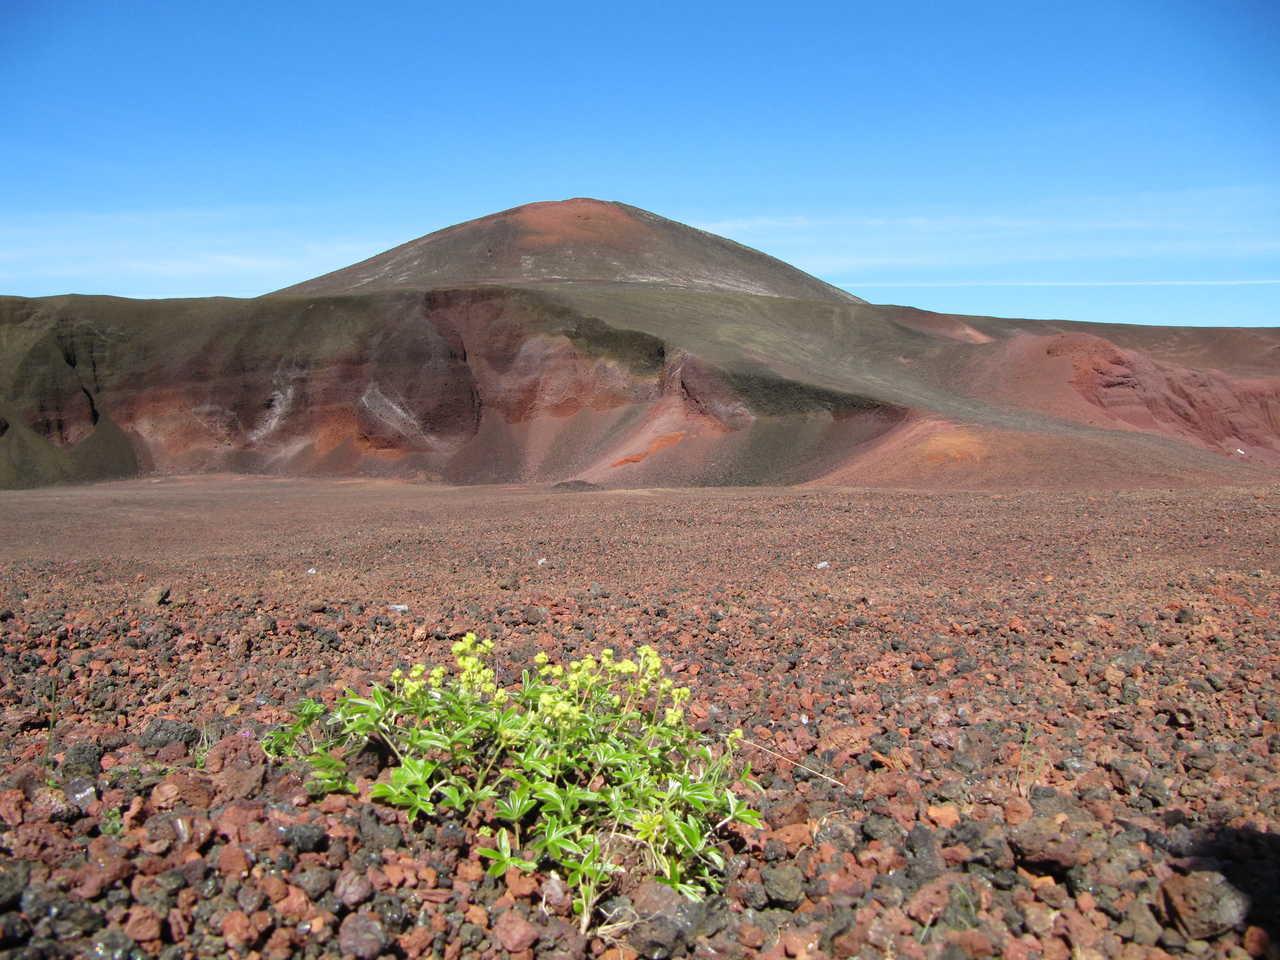 Volcan de Snaefellsnes en Islande